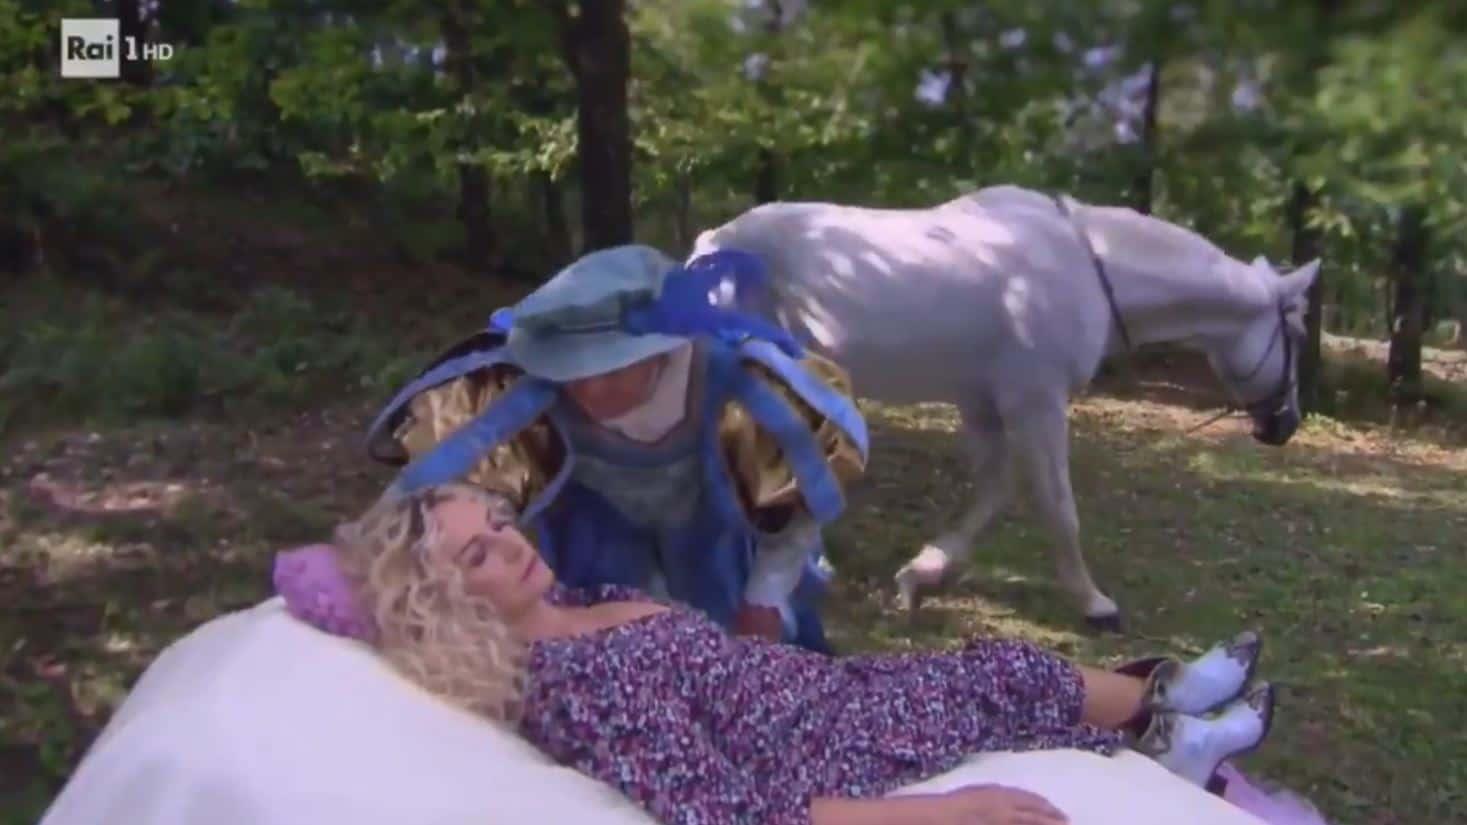 E' sempre mezzogiorno il promo con Antonella Clerici bella addormentata nel bosco (VIDEO)